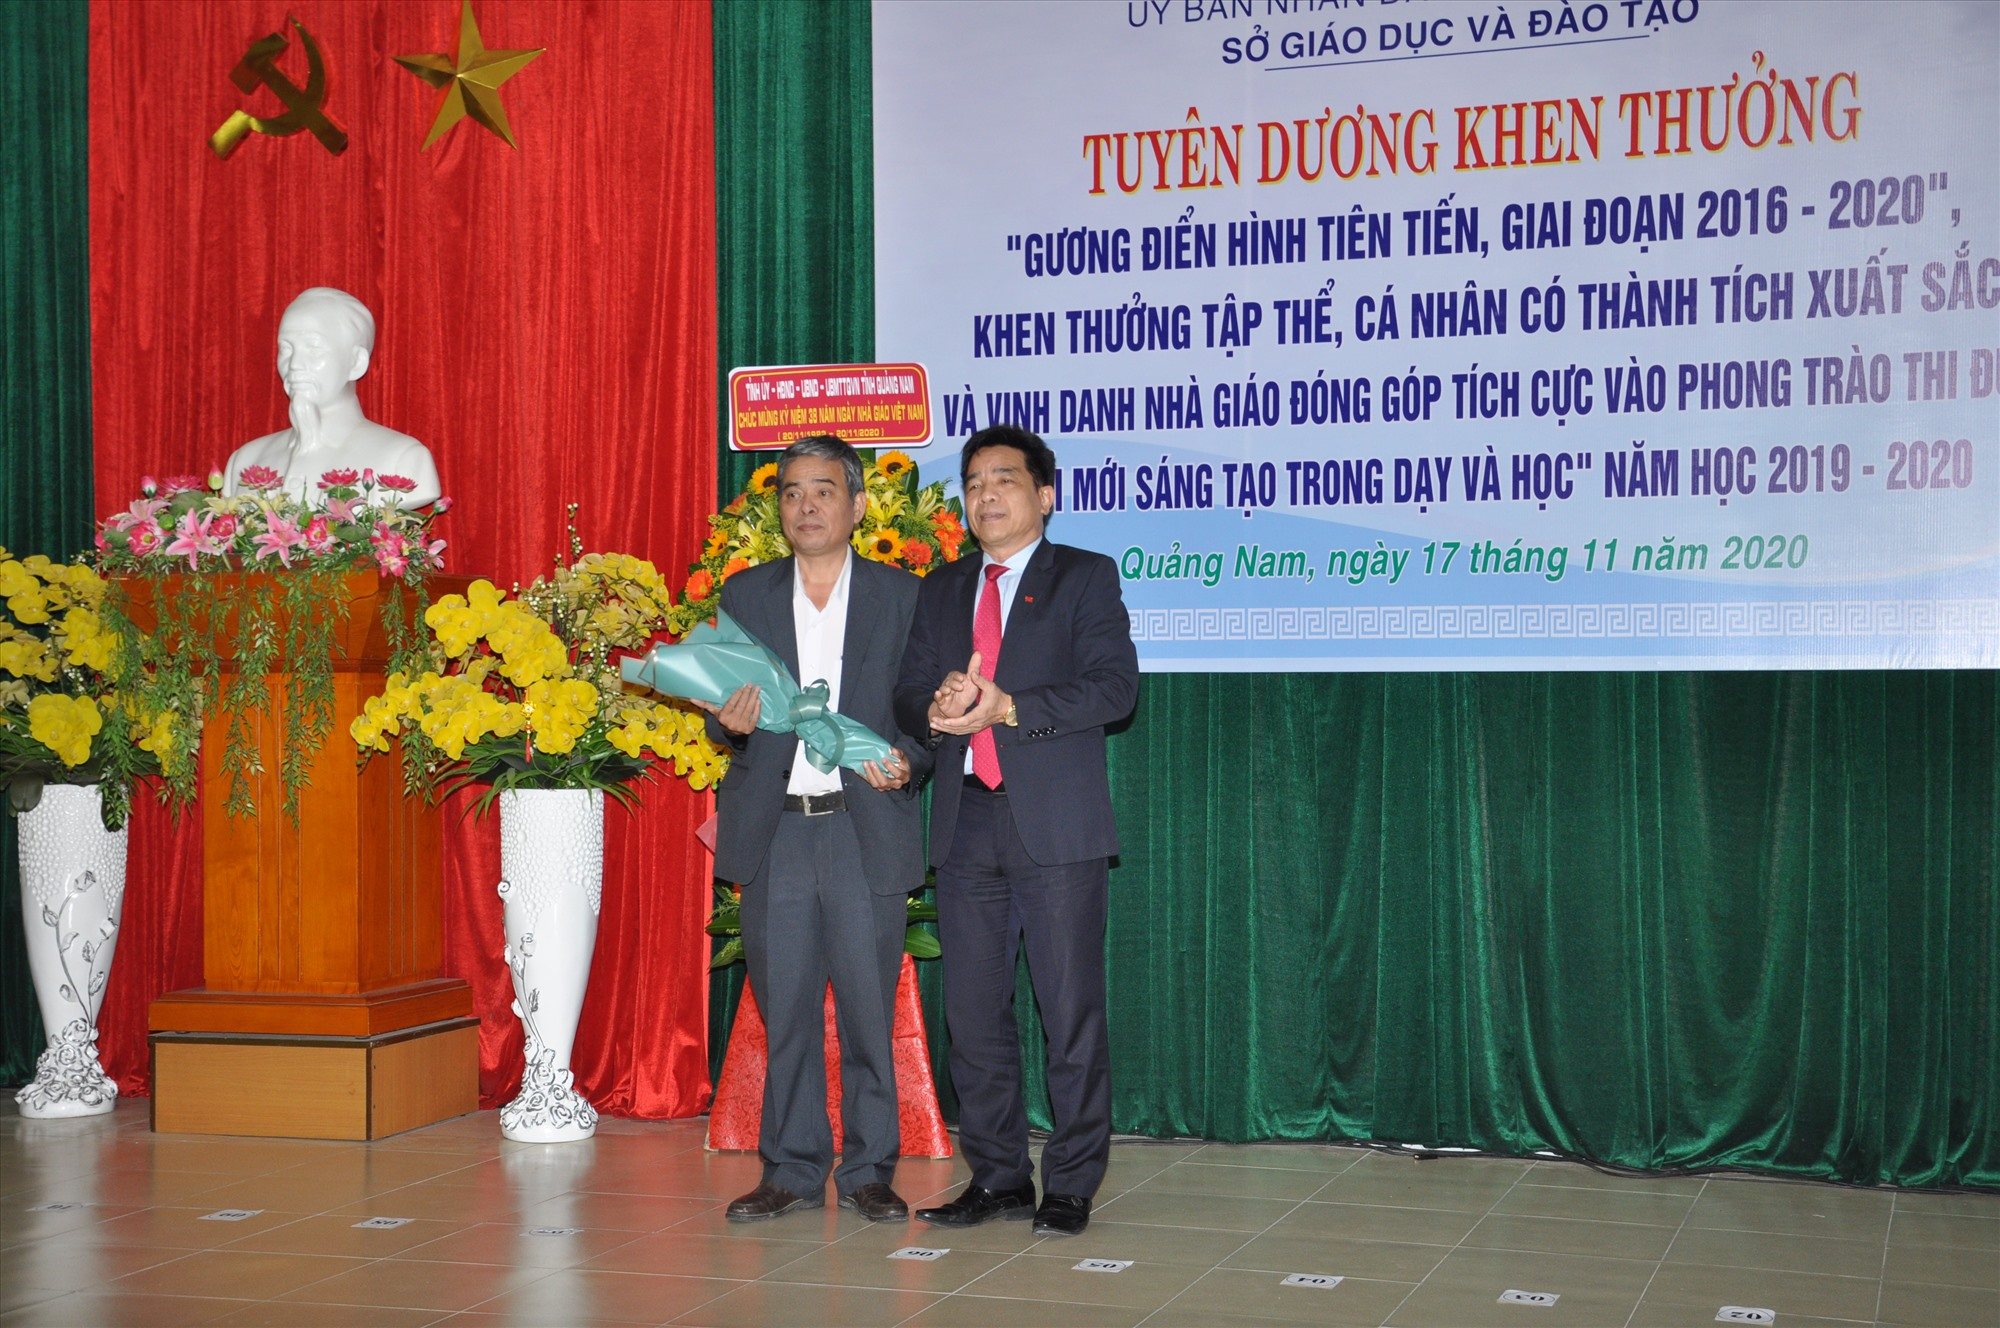 Phó Bí thư Thường trực Tỉnh ủy Lê Văn Dũng tặng hoa chúc mừng Trường THPT Chu Văn An (Đại Lộc) được đề nghị Thủ tướng Chính phủ tặng cờ thi đua. Ảnh: X.P